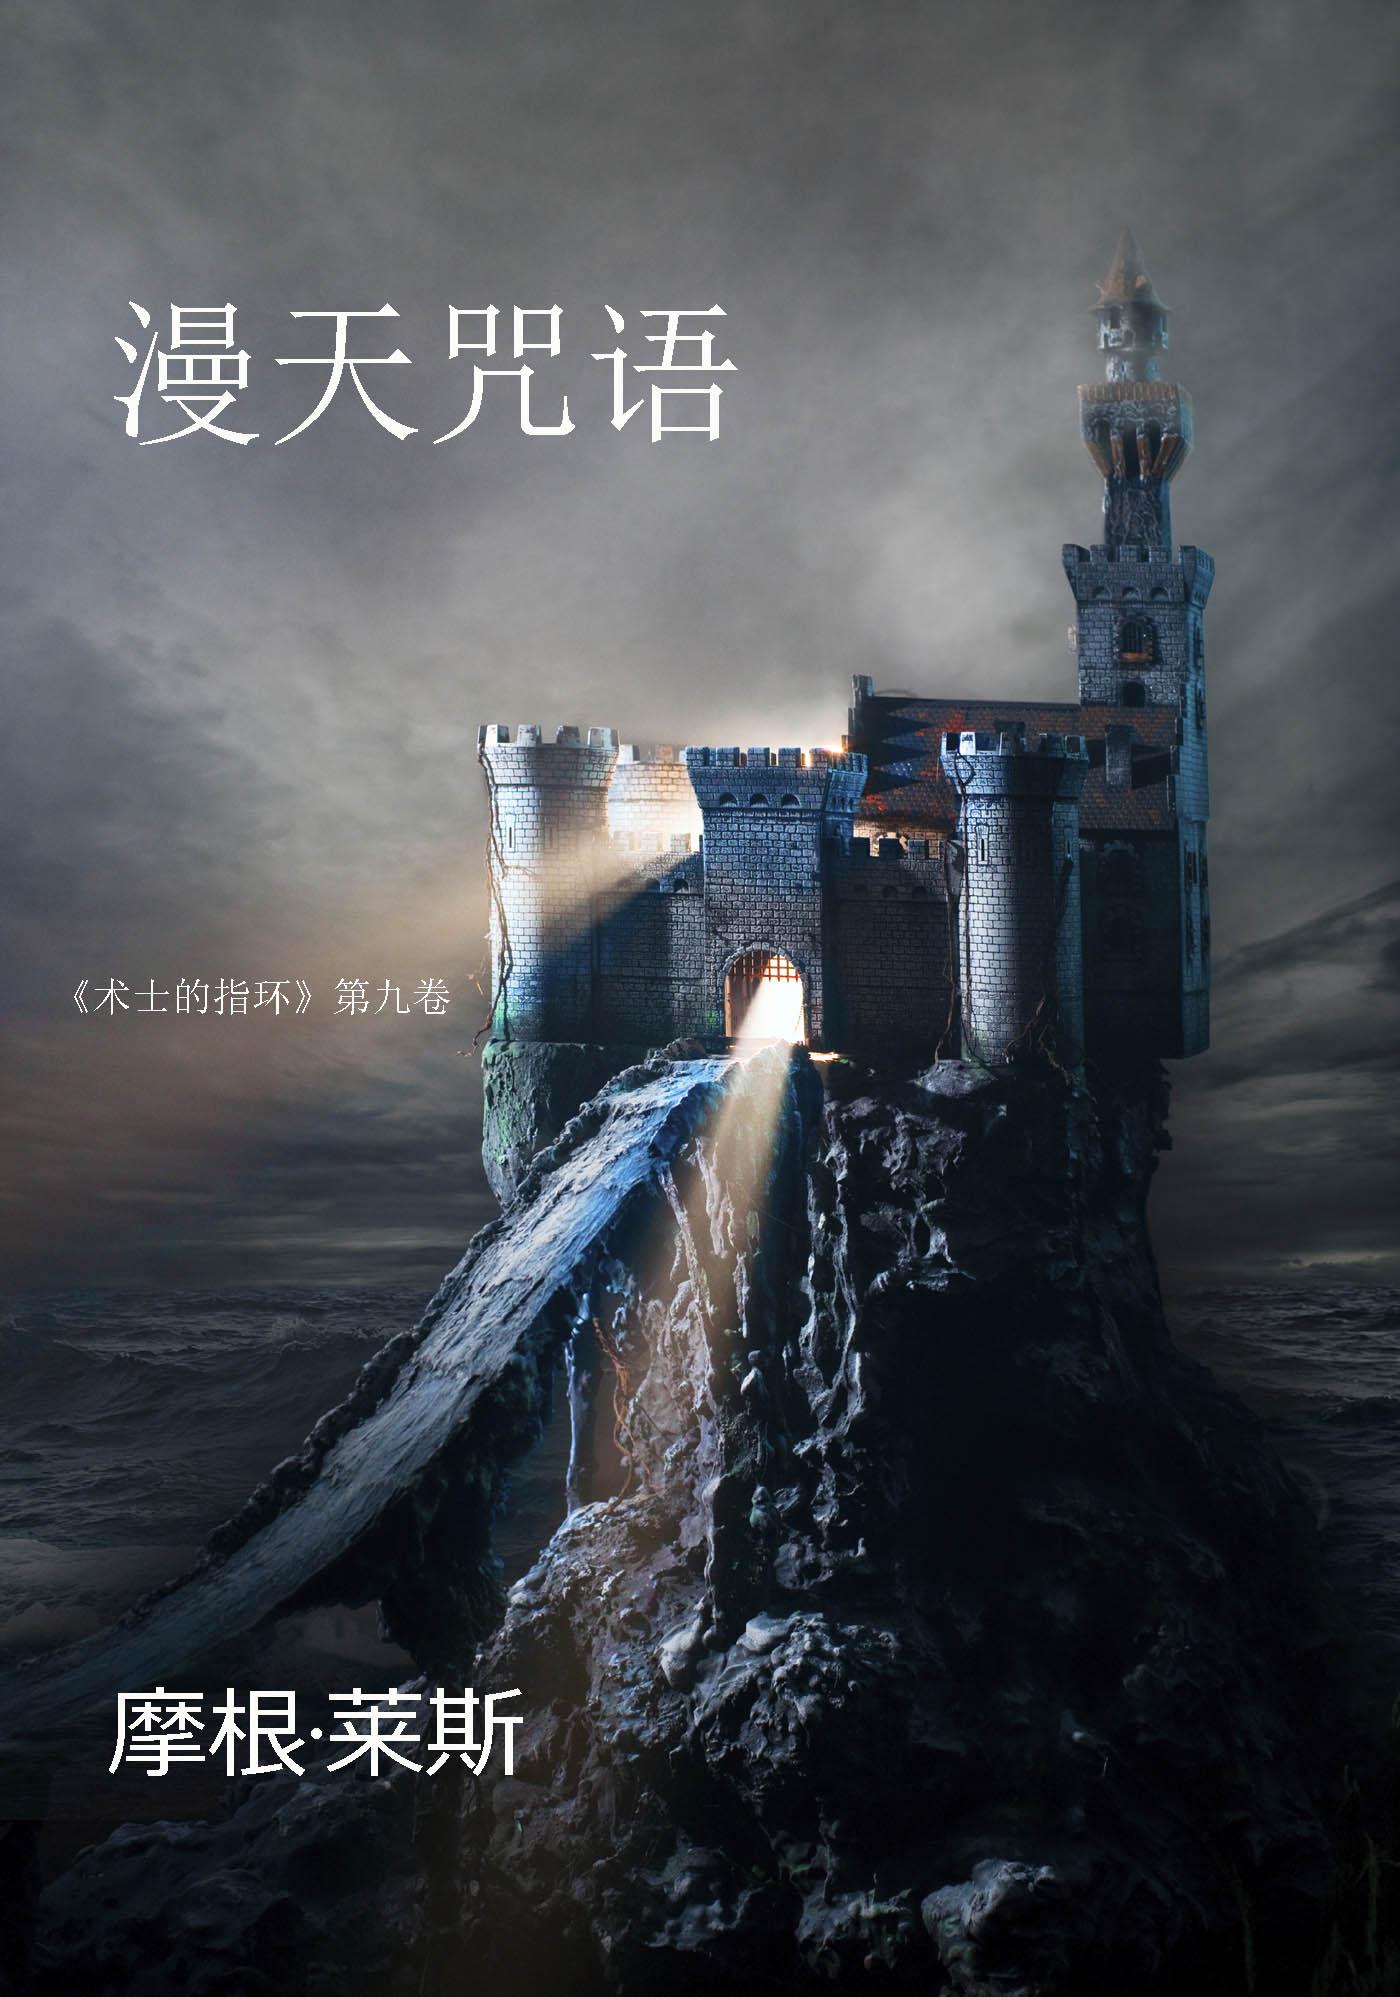 Морган Райс 漫天咒语 北京旅游指南